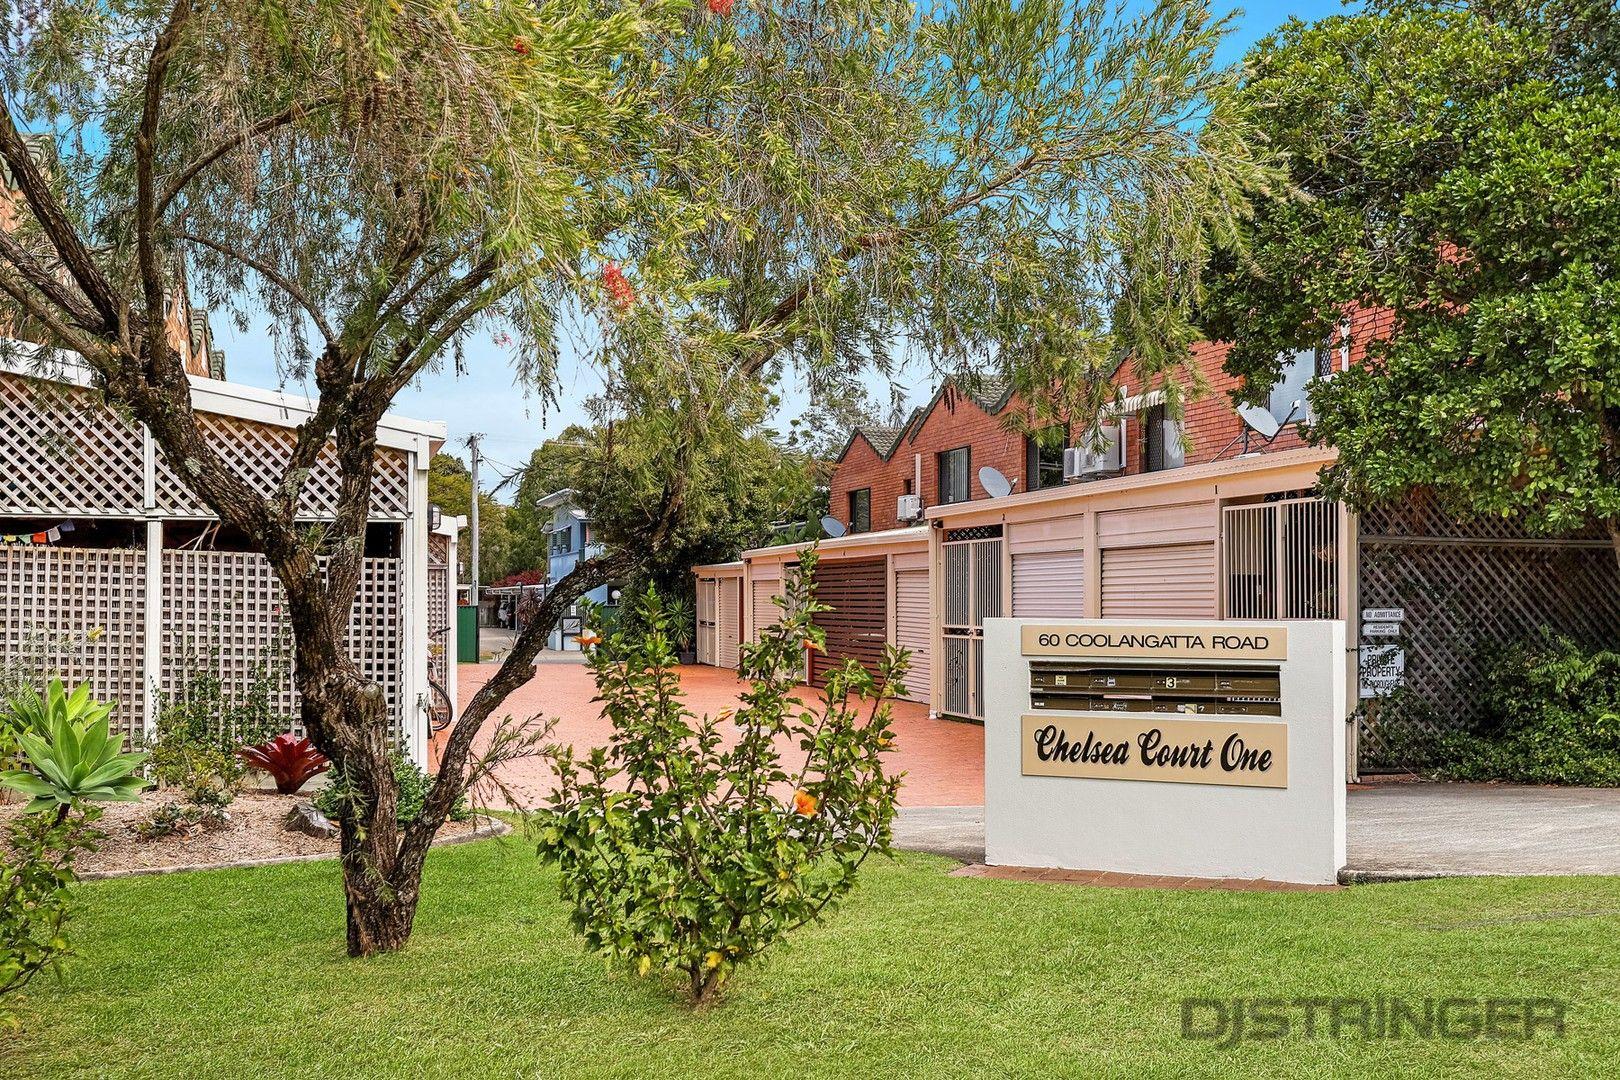 4/60 Coolangatta Road, Kirra QLD 4225, Image 0